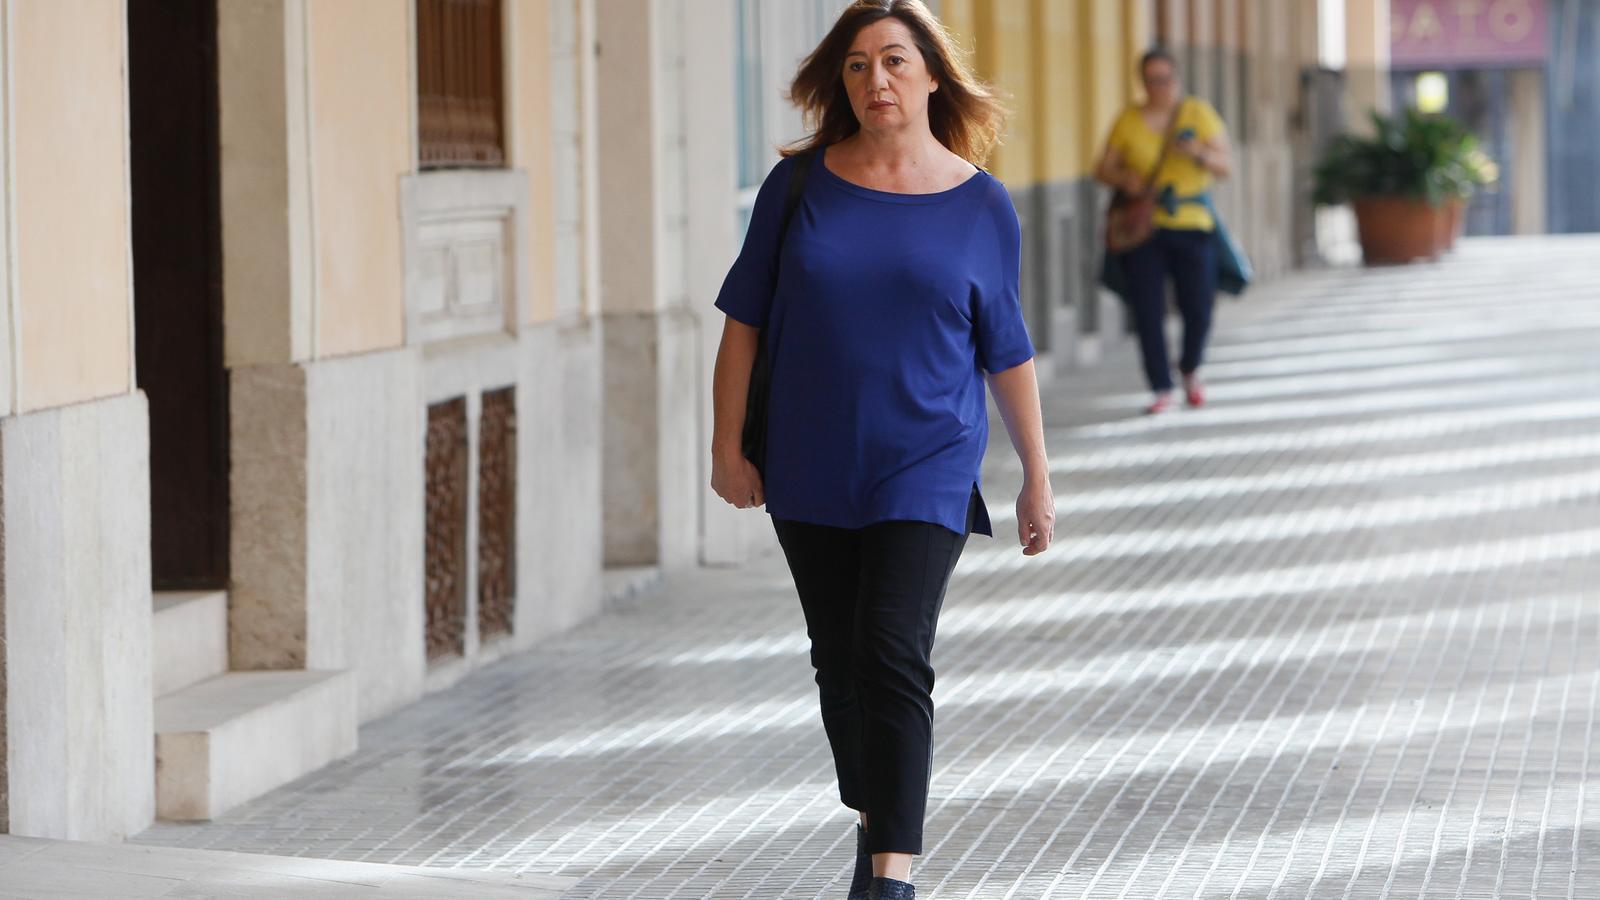 La presidenta del Govern, Francina Armengol, arribant al Parlament